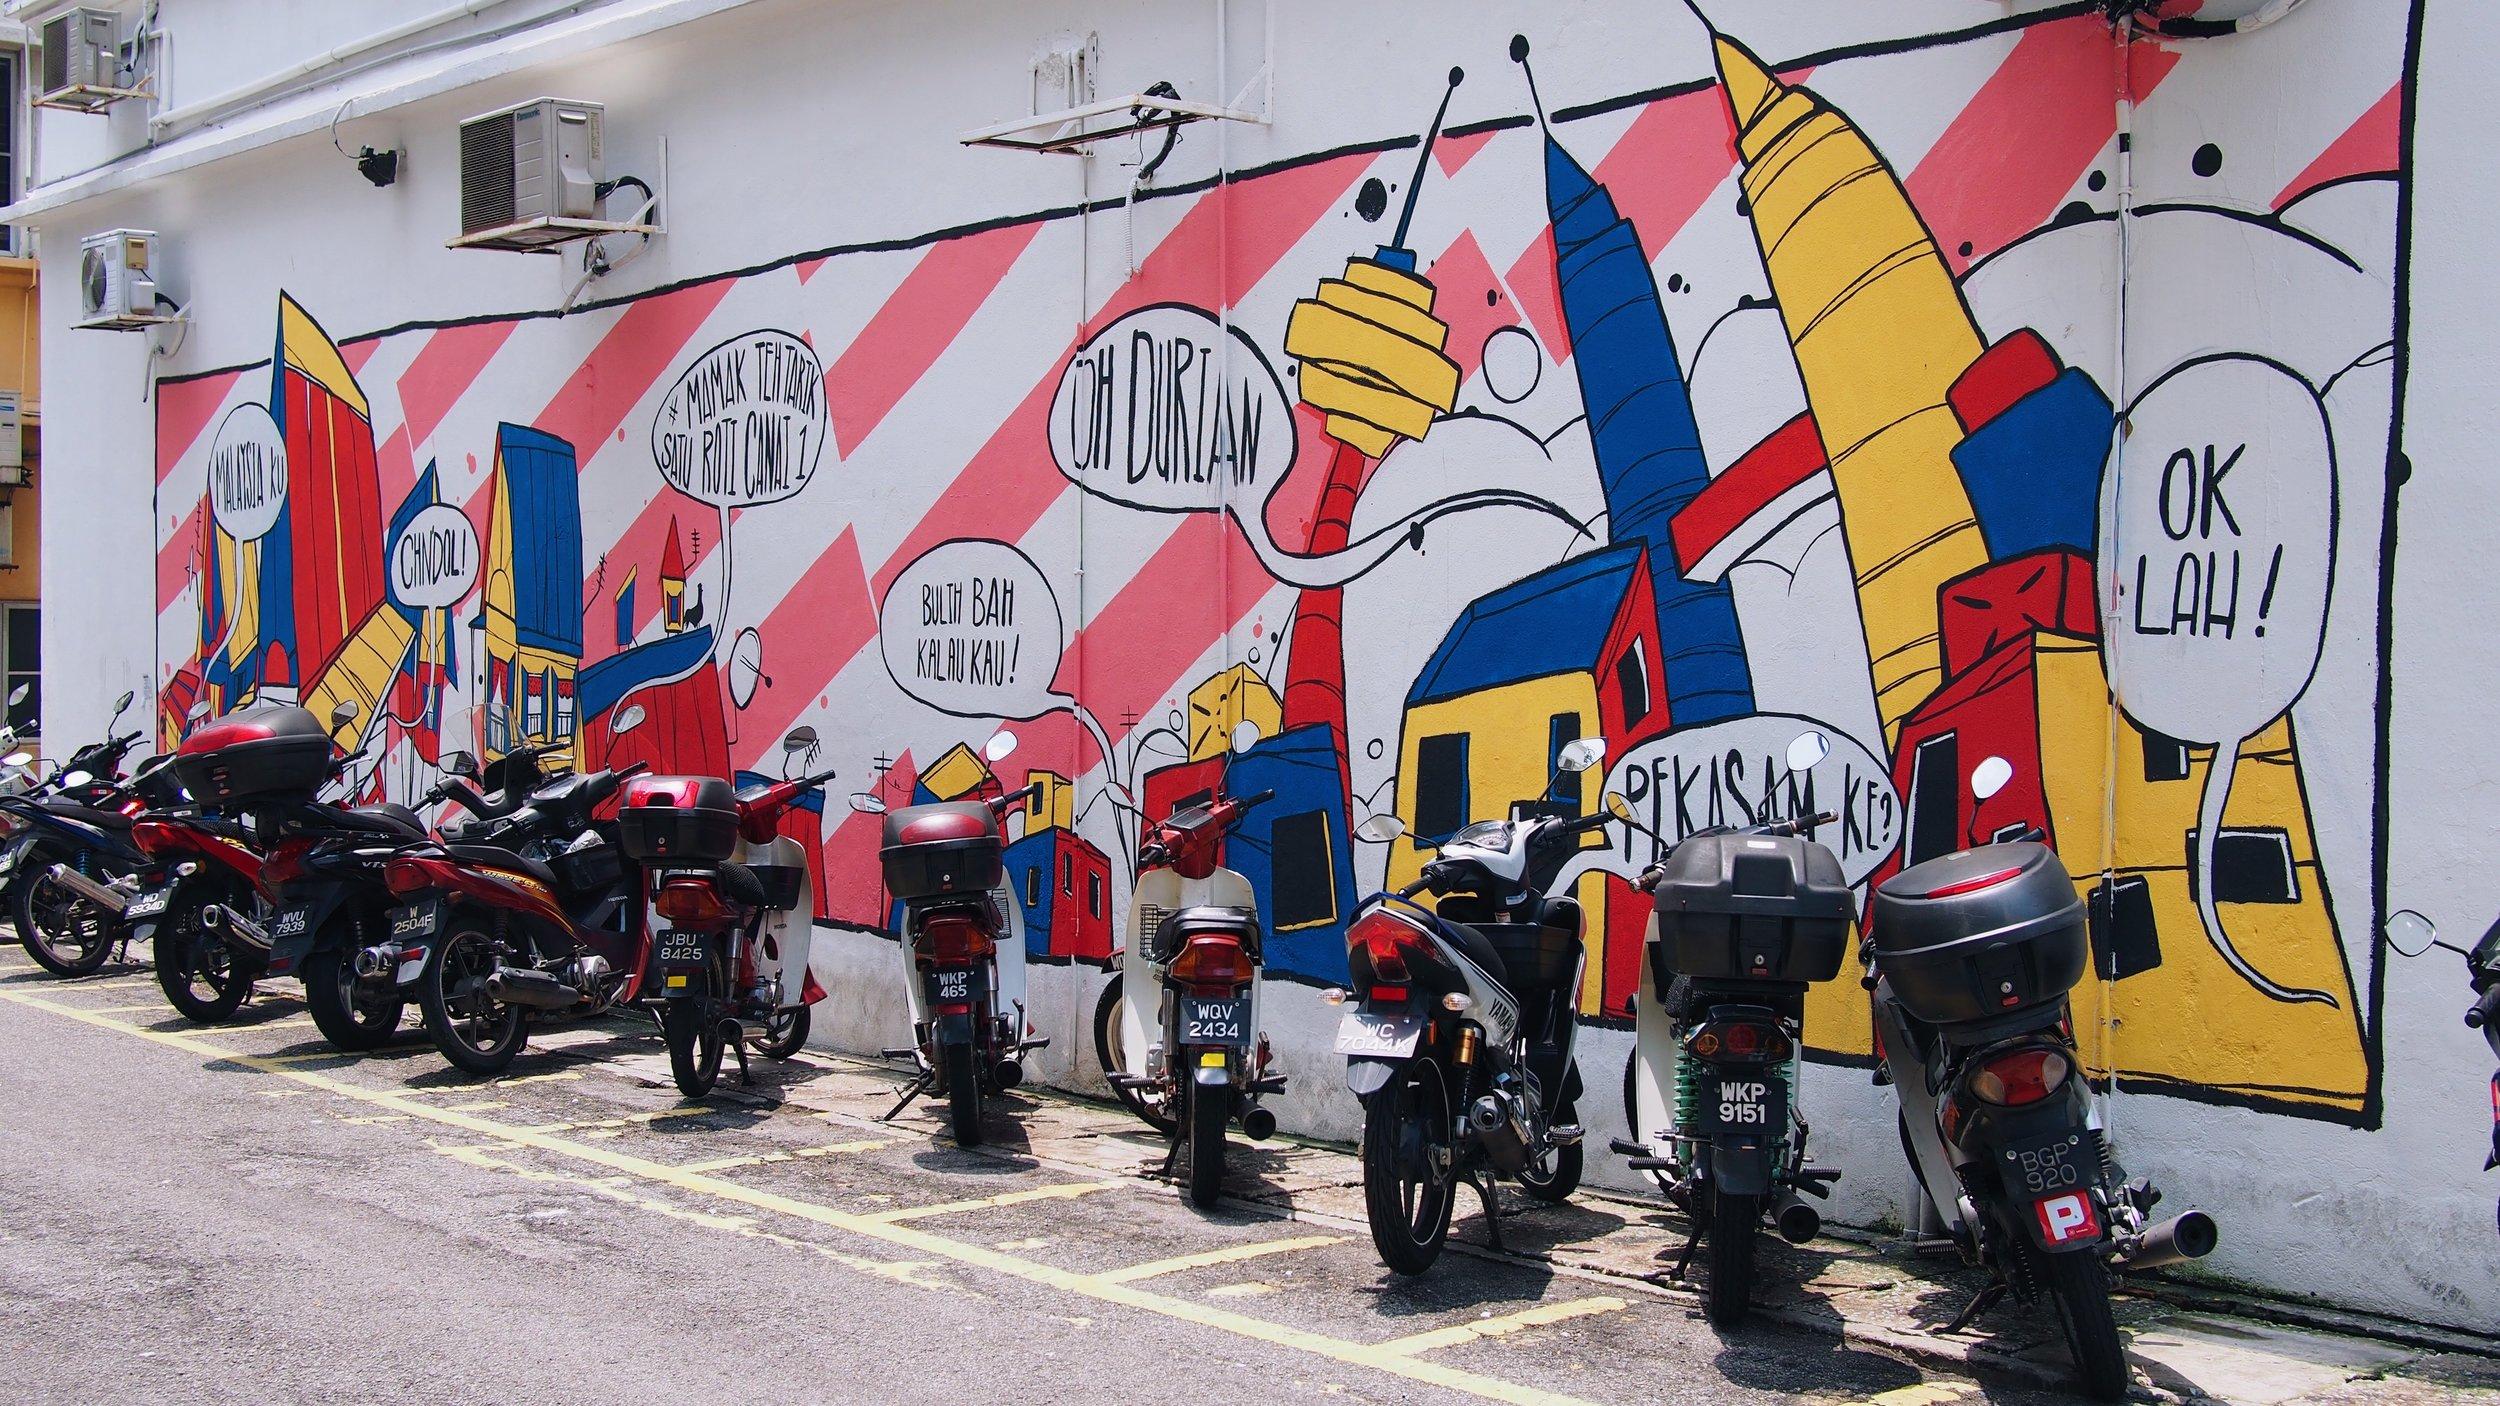 Street art in Kuala Lumpur, Malaysia